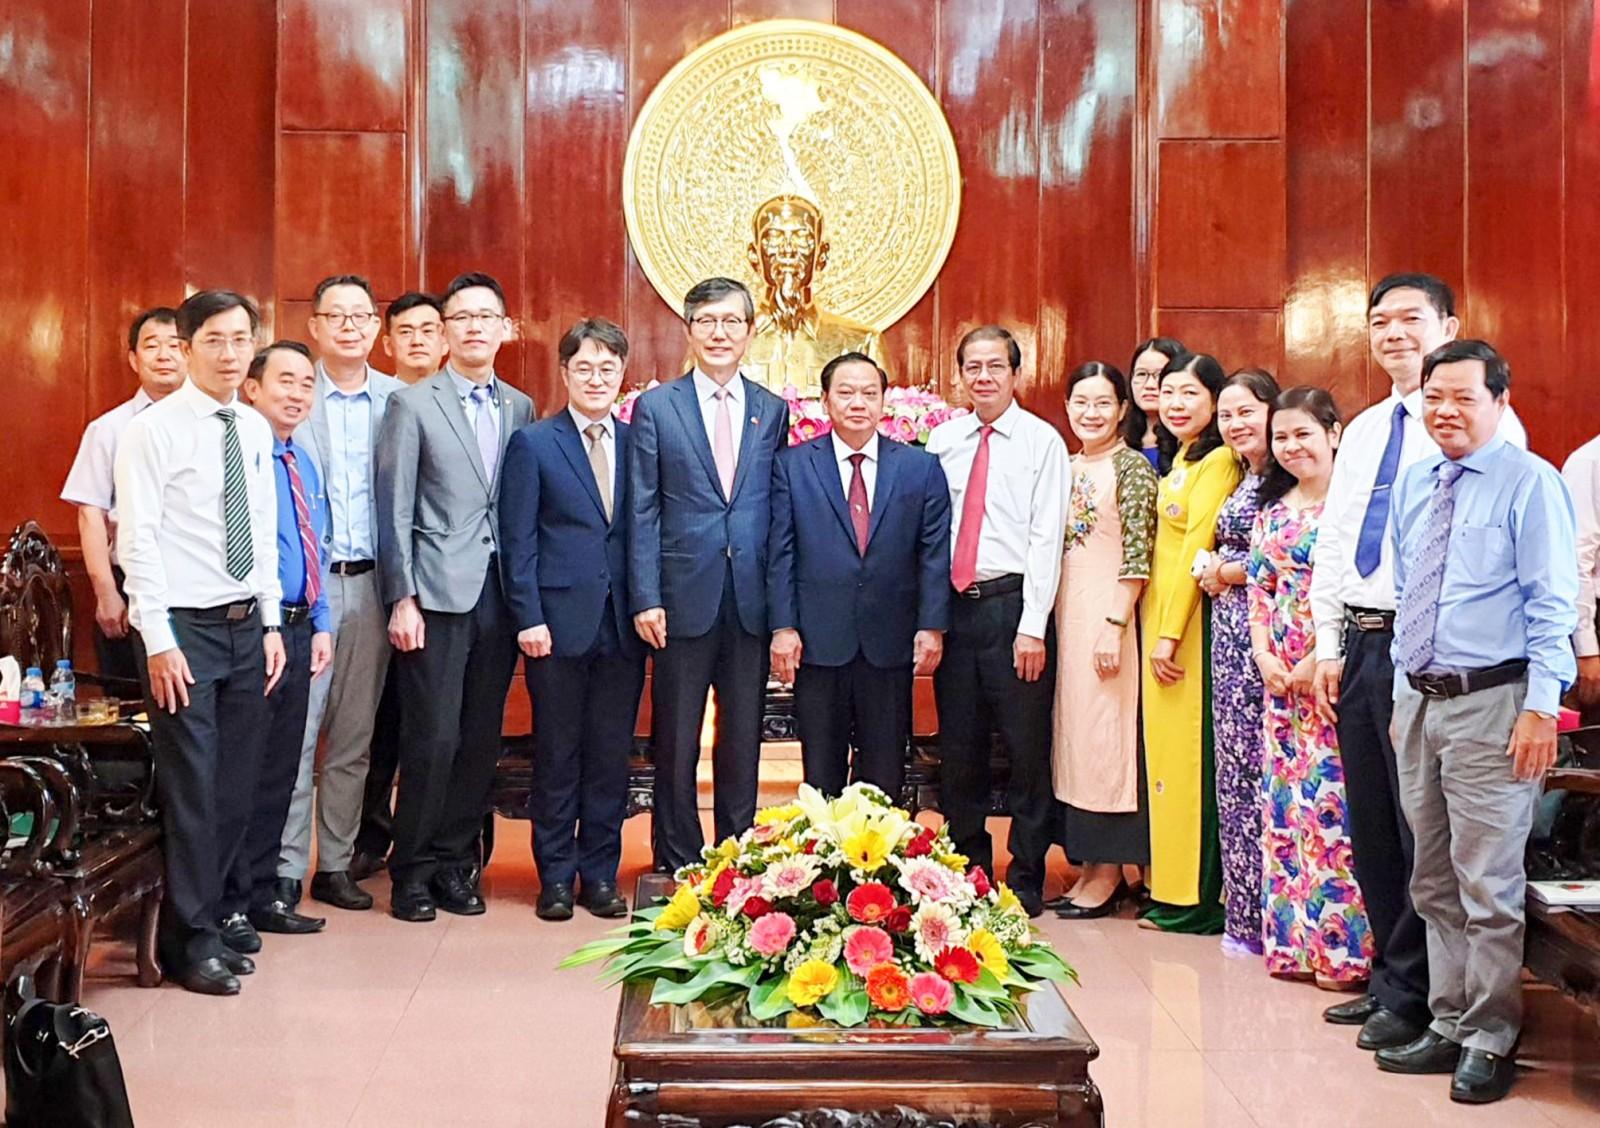 Đoàn Tổng lãnh sự quán Hàn Quốc chụp ảnh lưu niệm với lãnh đạo TP Cần Thơ. Ảnh: HỒNG VÂN